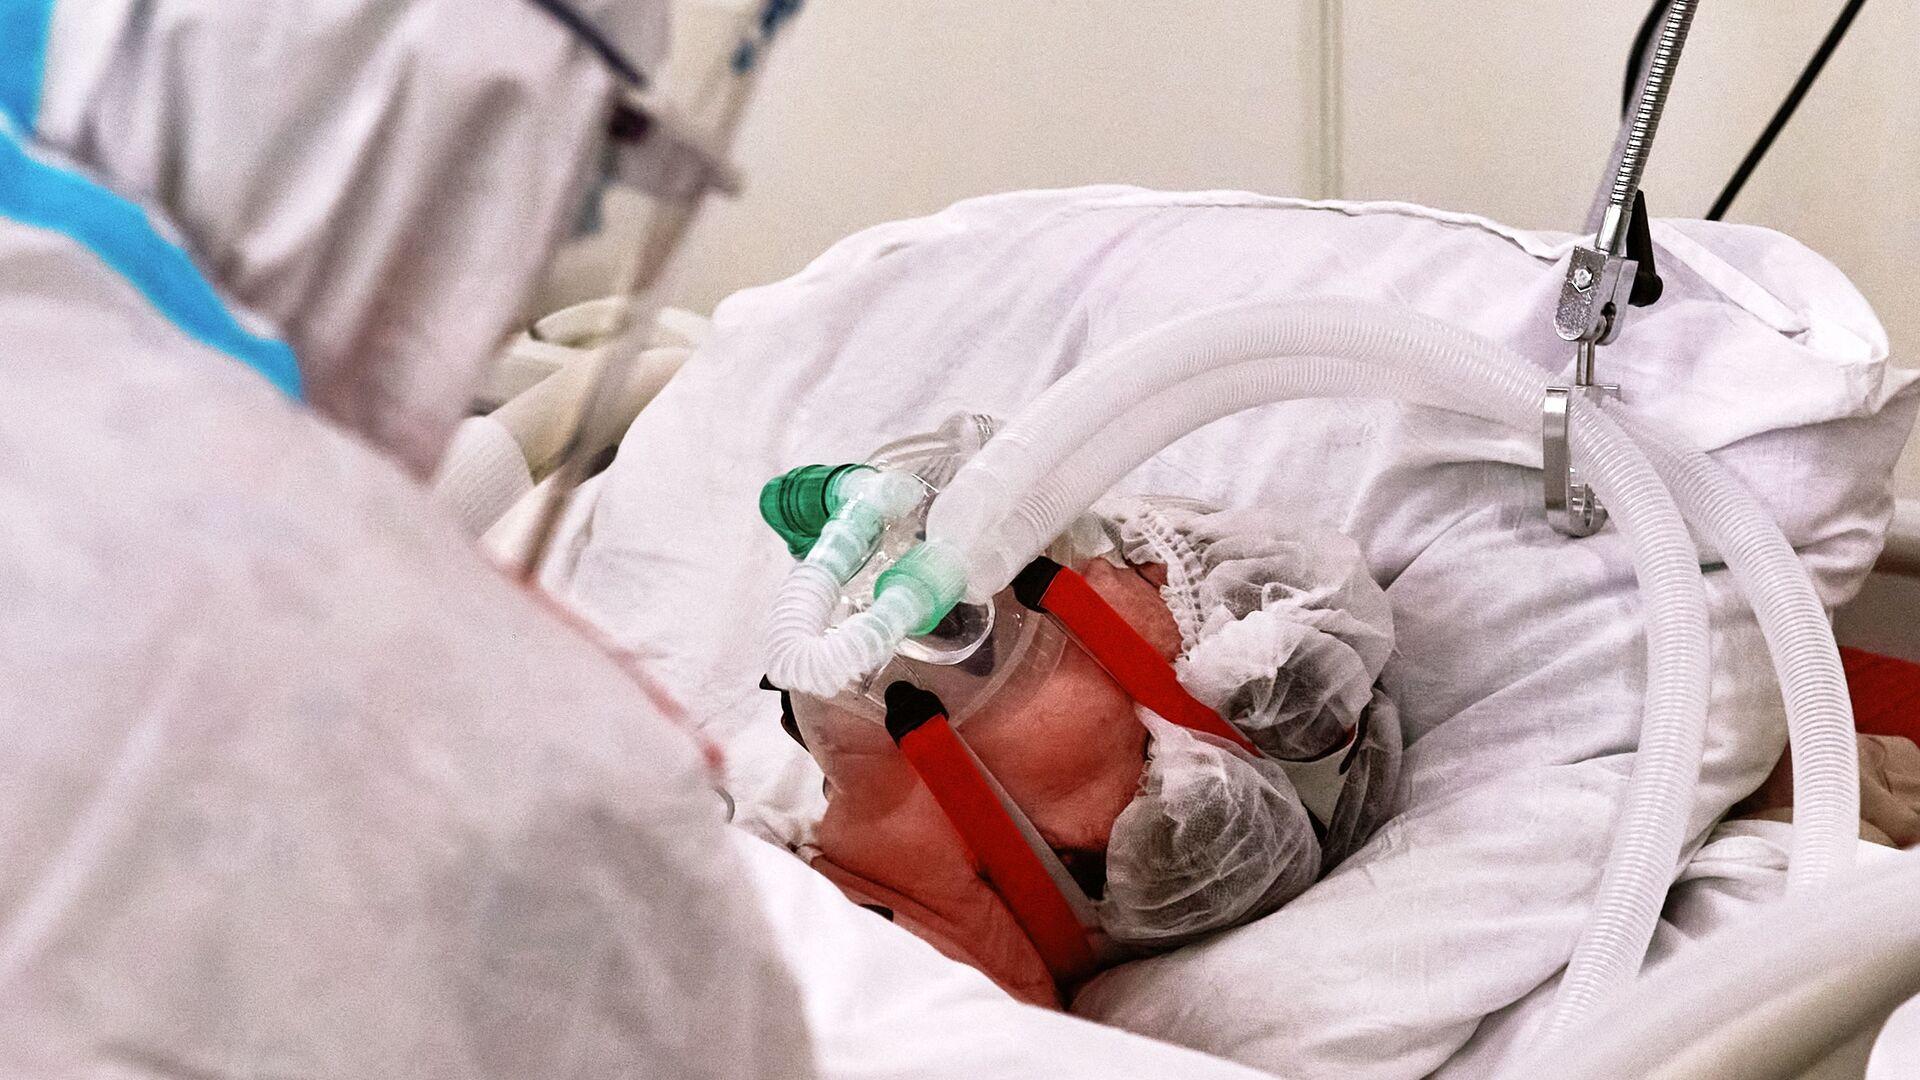 Un equipamiento médico suministra oxígeno para un paciente con el COVID-19 - Sputnik Mundo, 1920, 05.05.2021